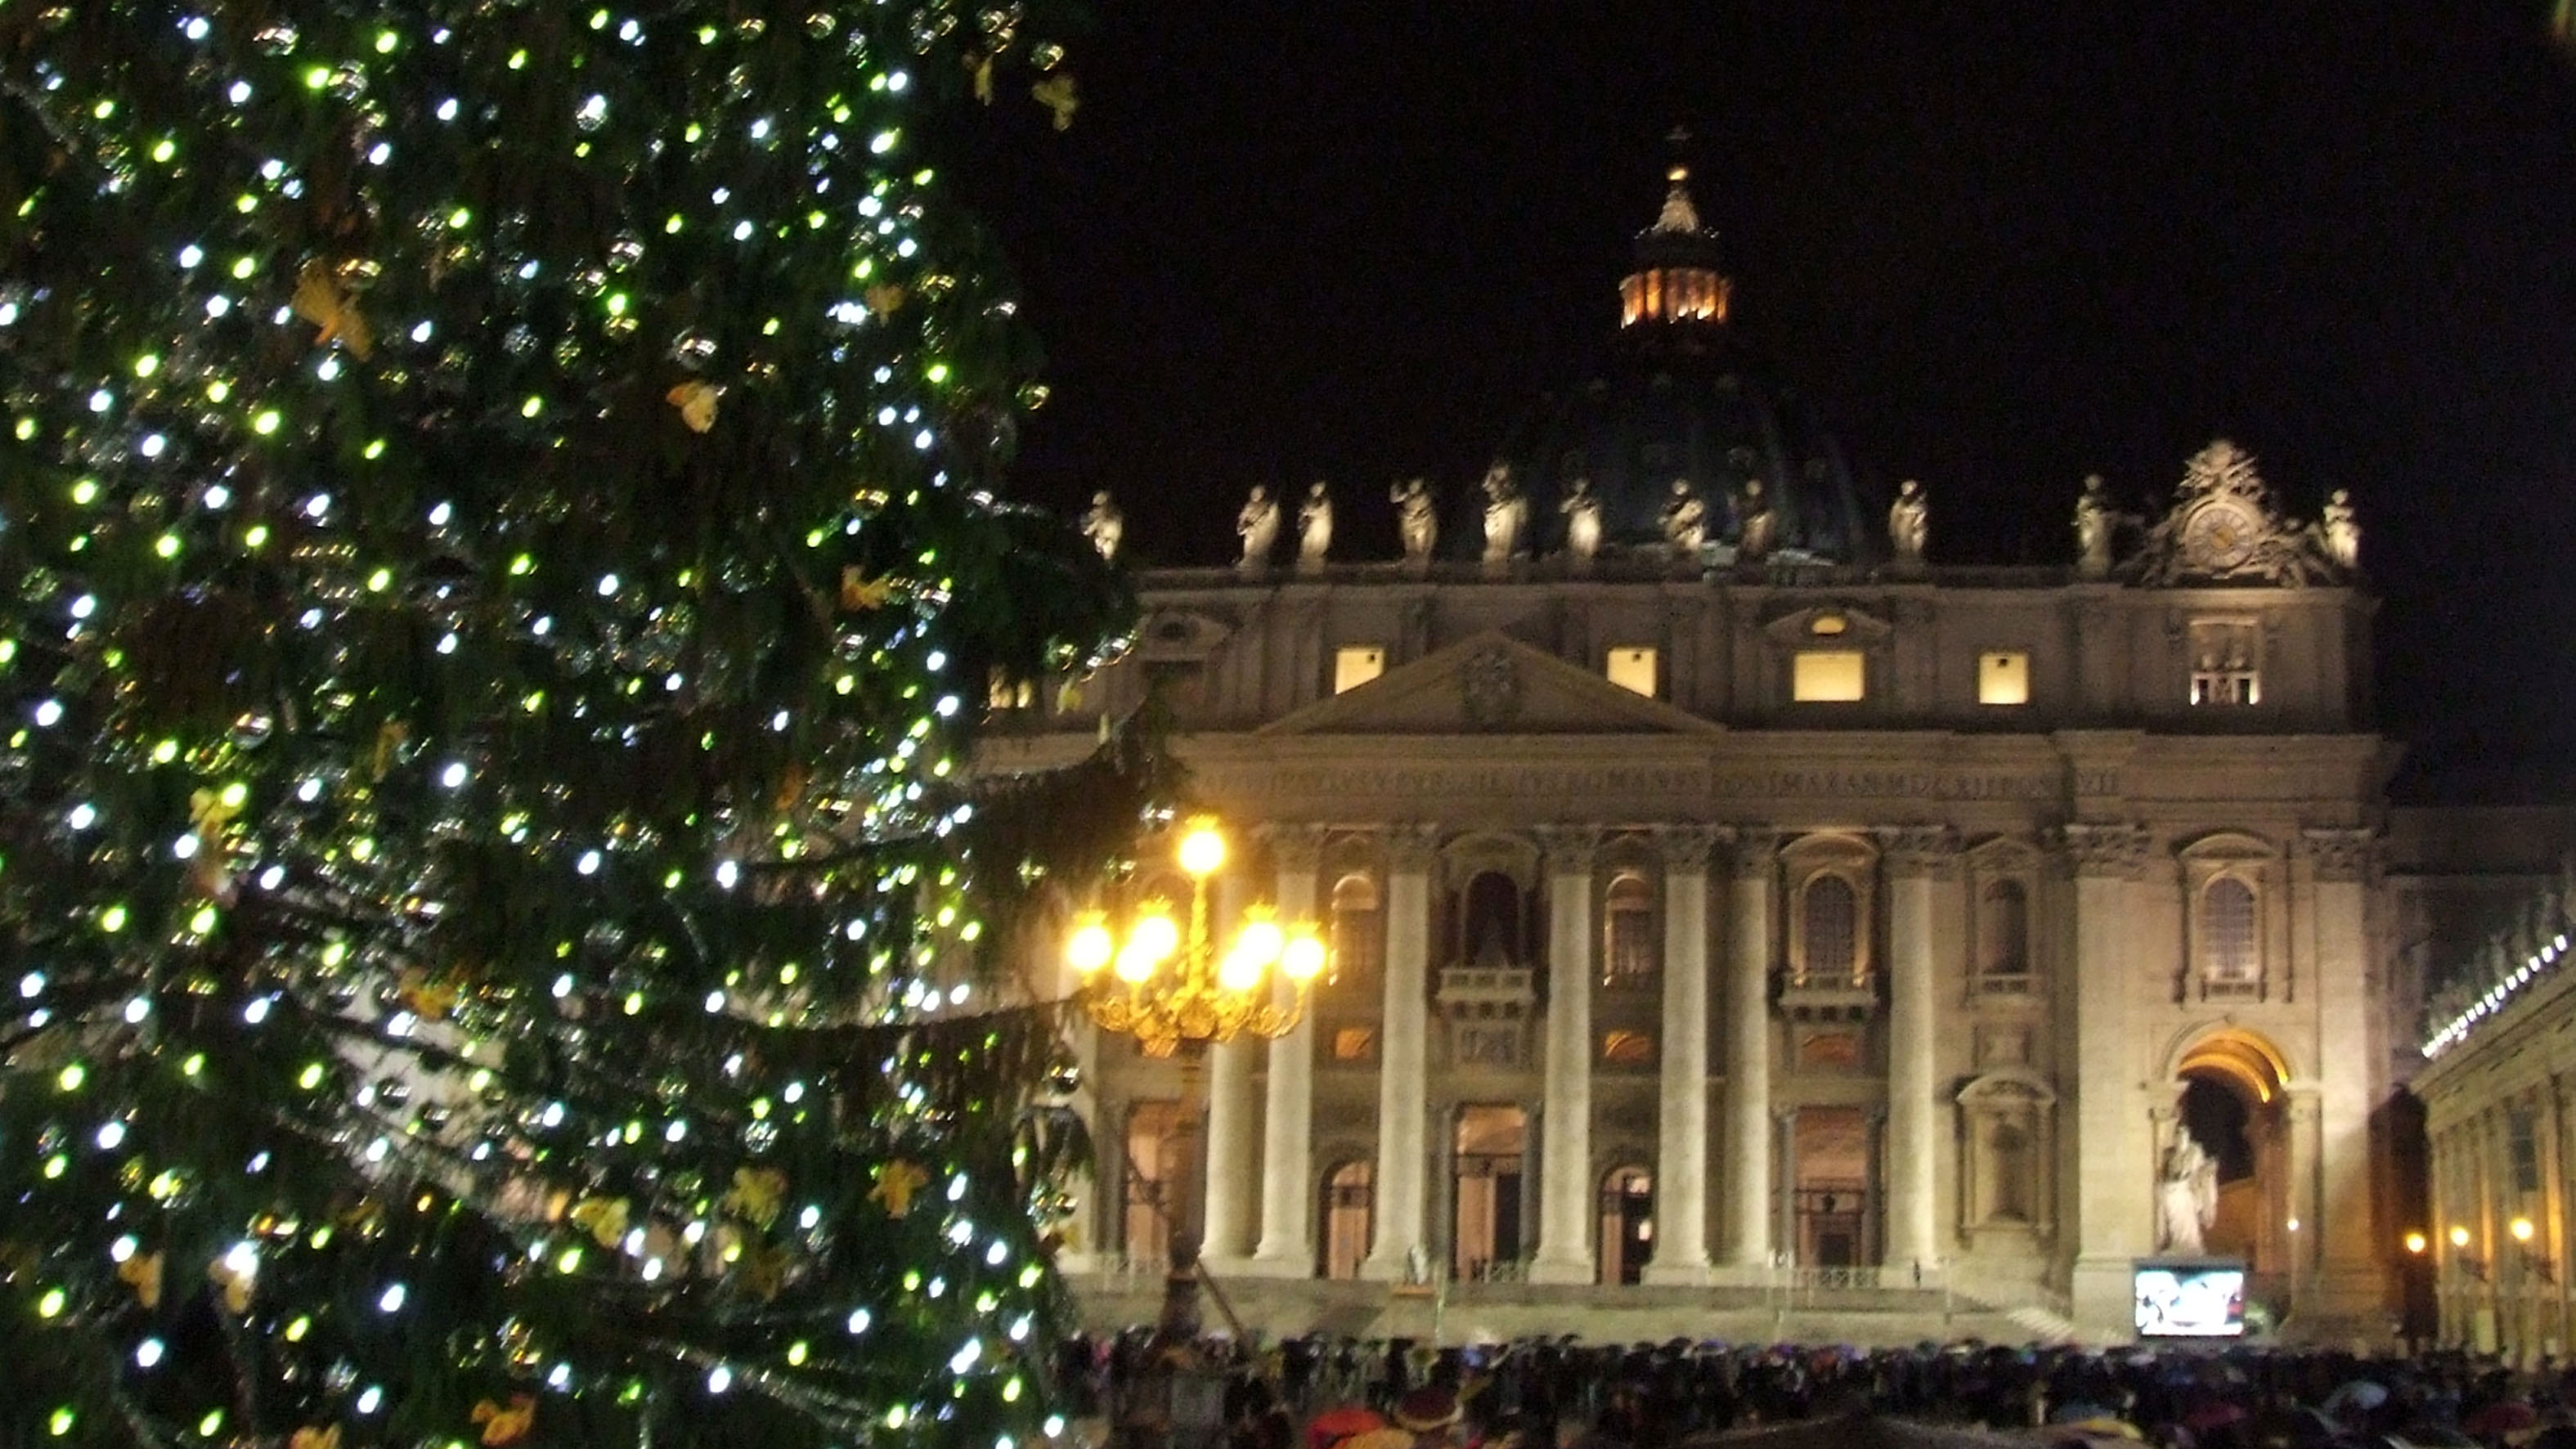 Blog aus Rom - stadtbesichtigungen.de